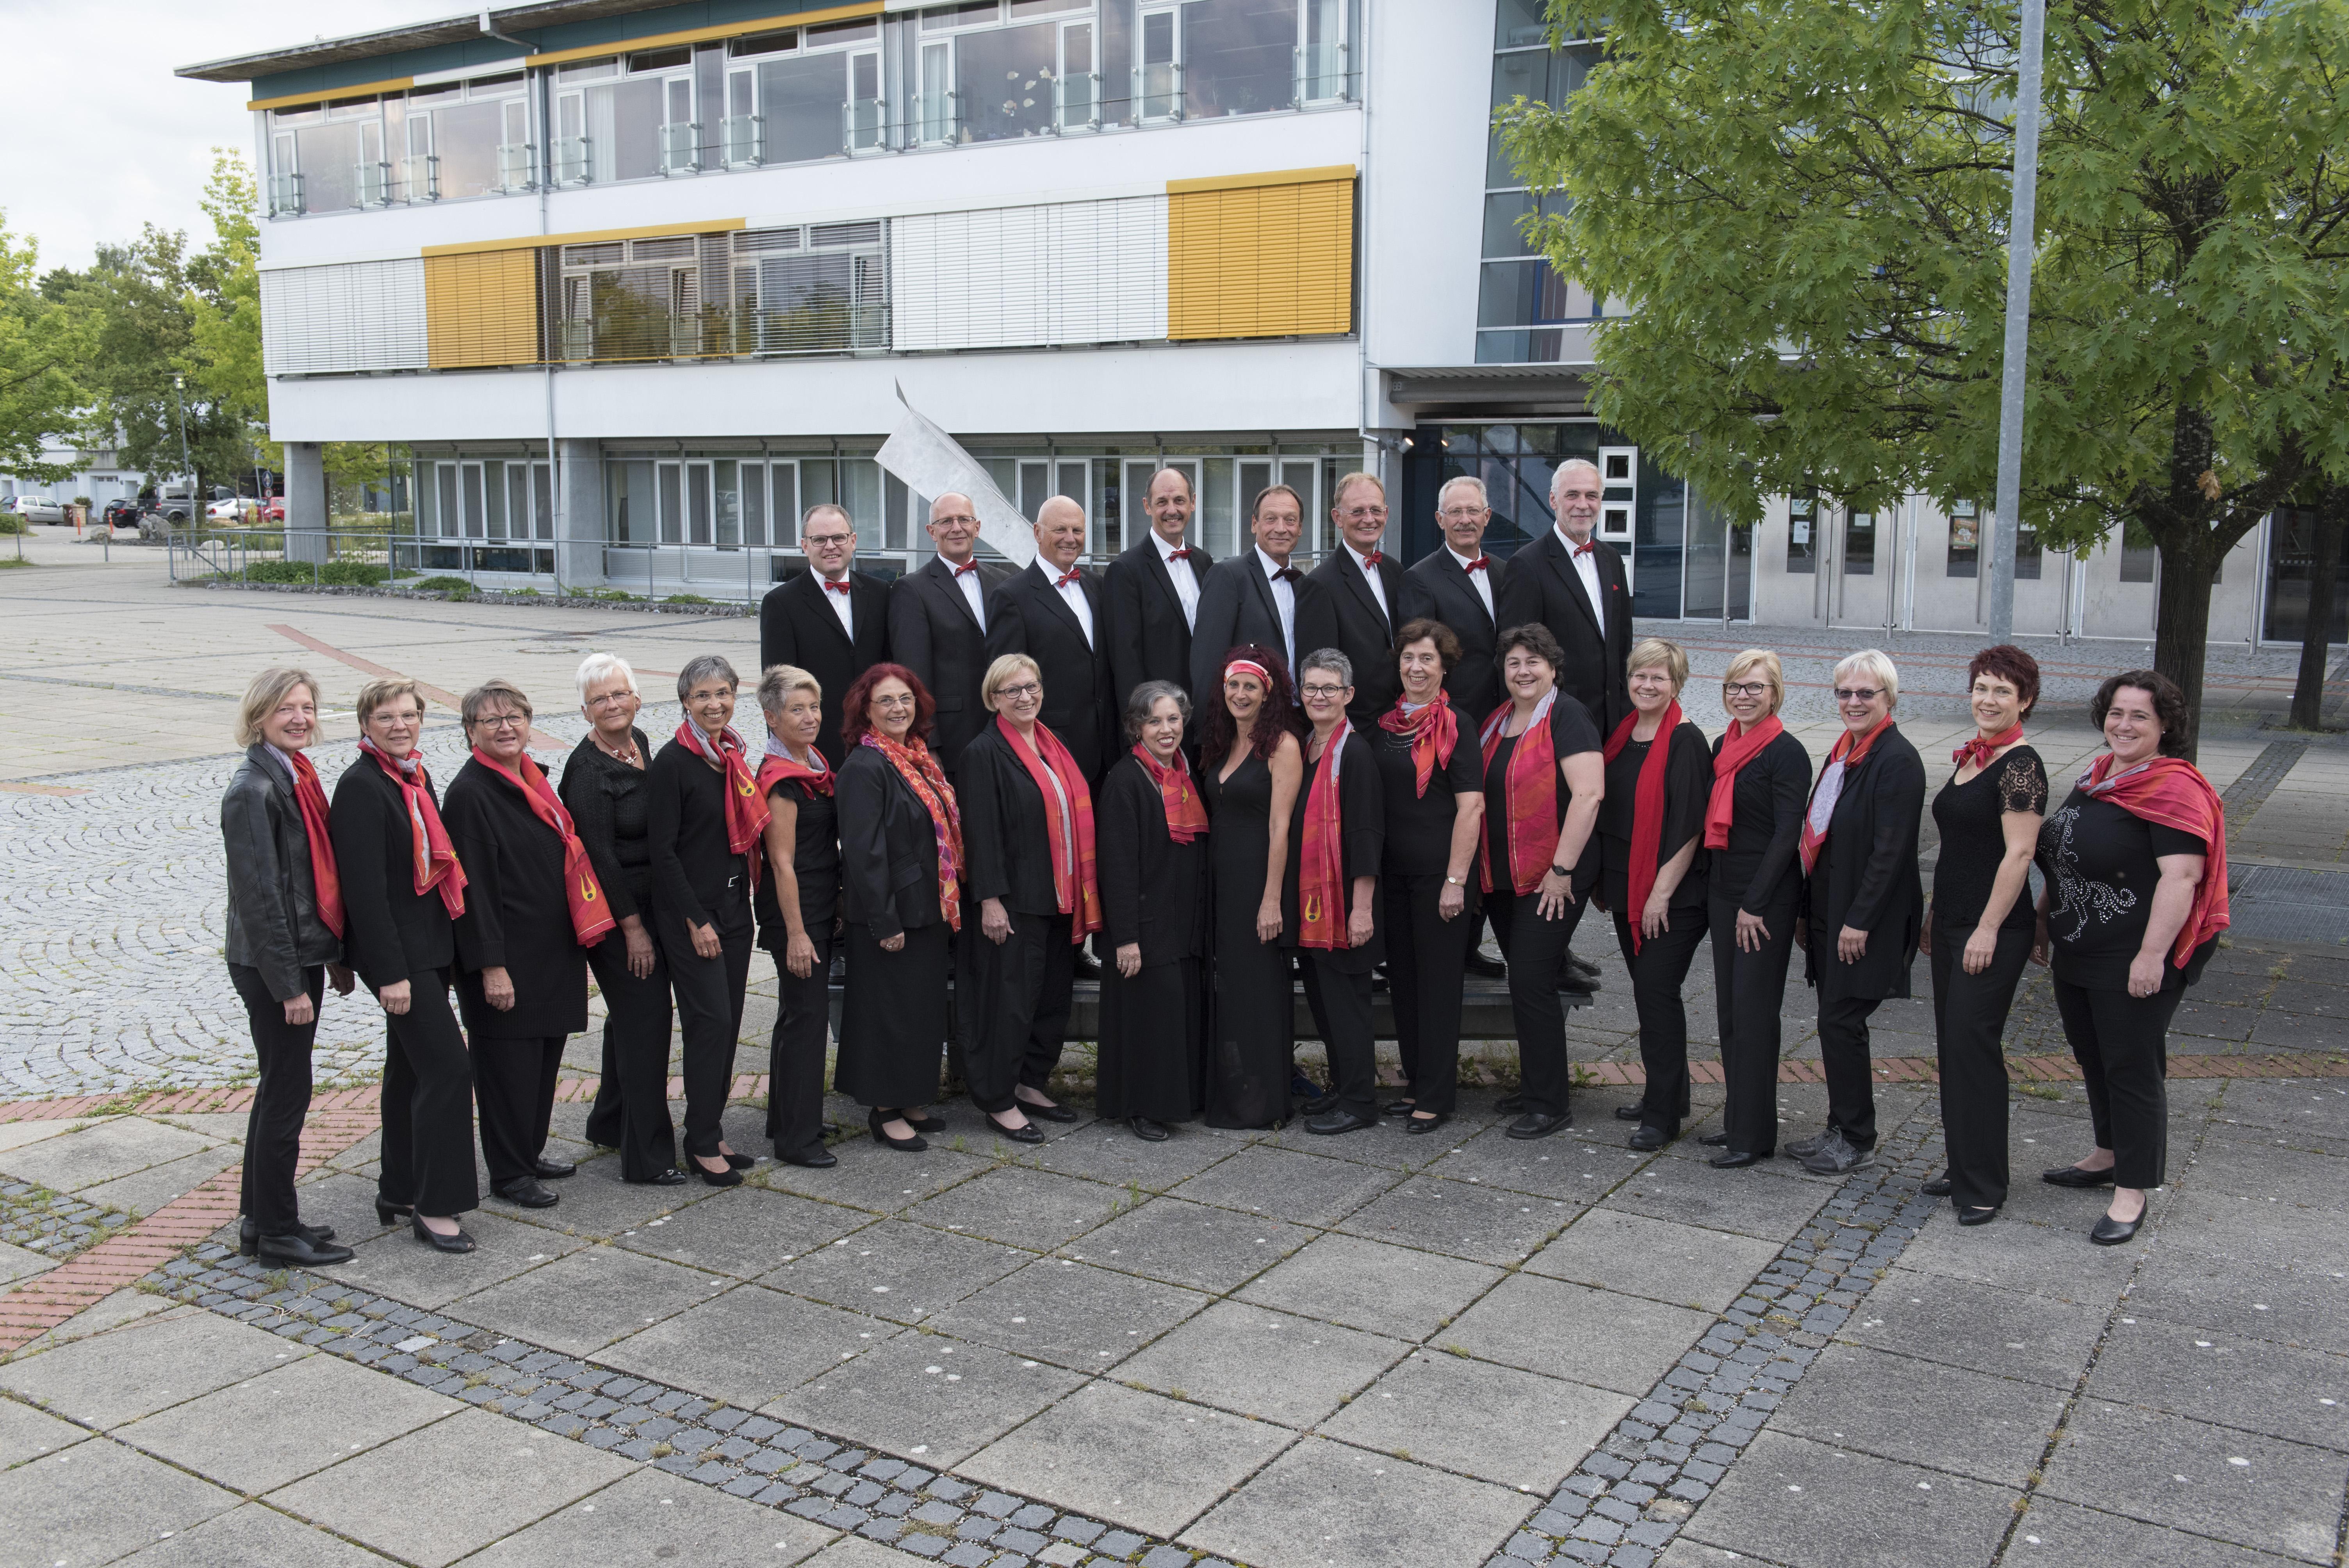 Kammerchor Schwabmünchen e.V.